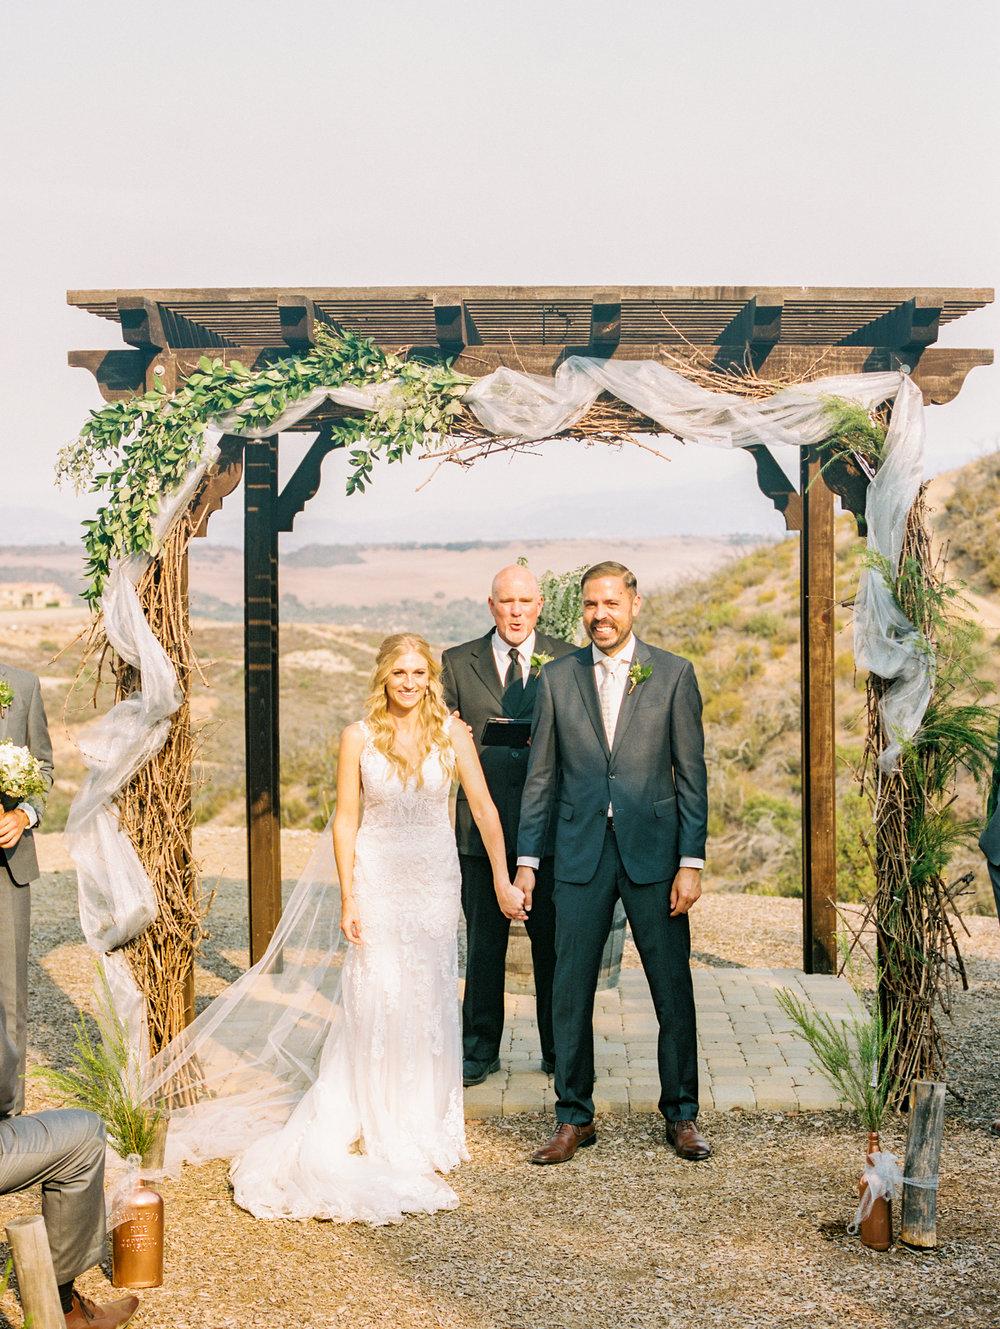 dennisroycoronel_ashleyanthony_vanessahudgens_austinbutler_wedding_losangeles_photographer-125.jpg